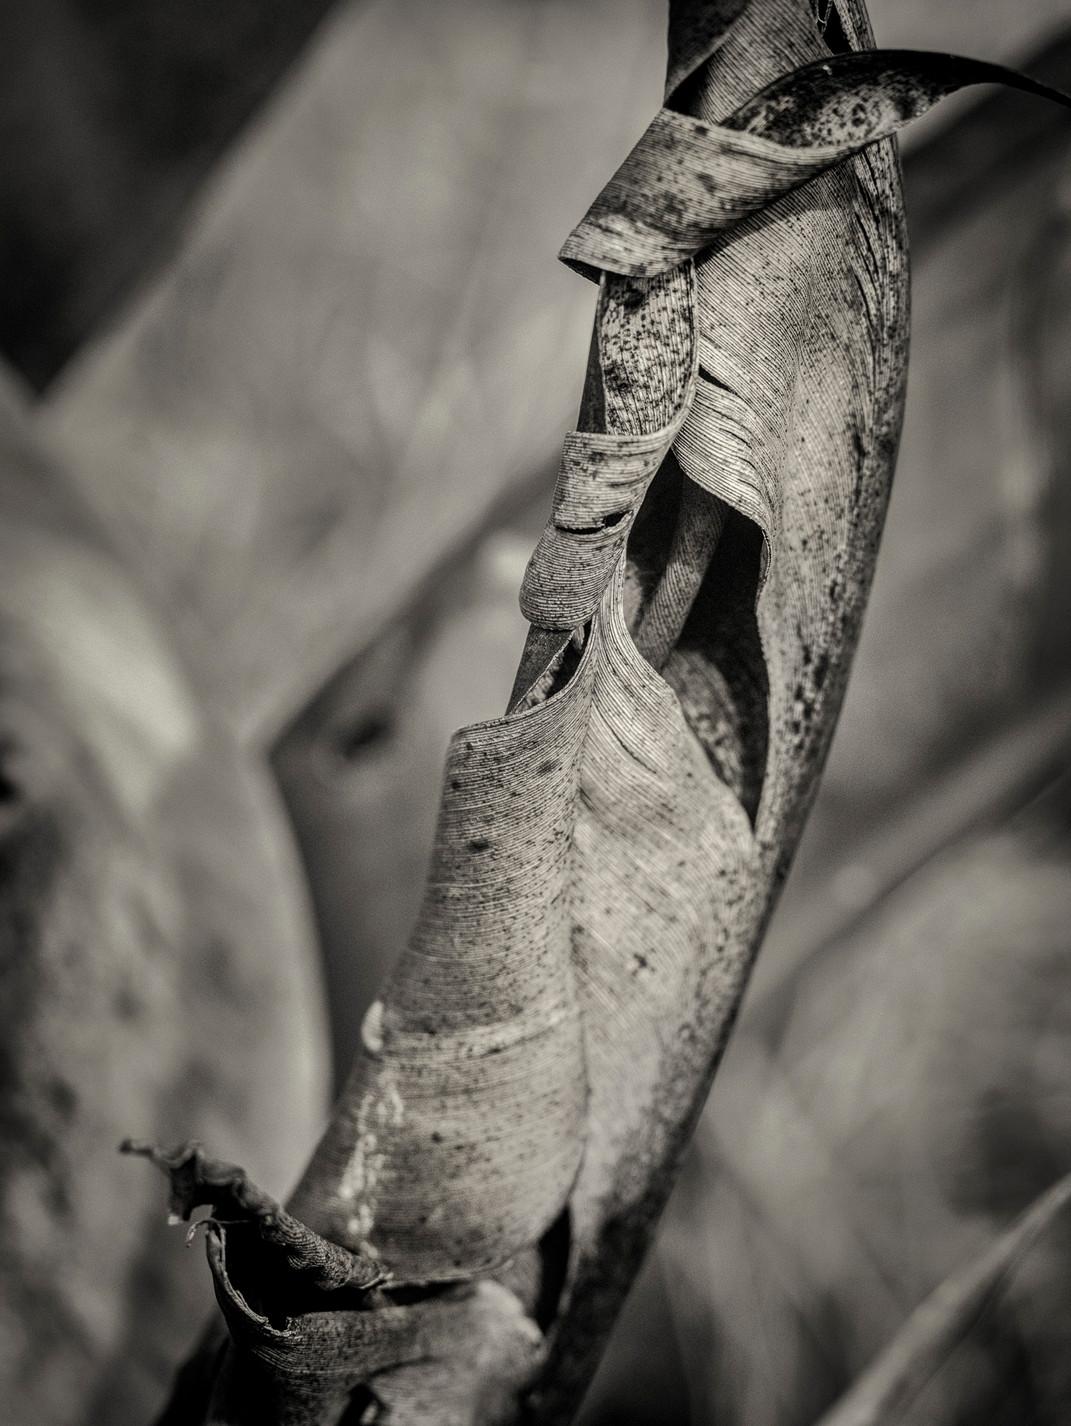 Siddho-Photography-nature-BW-14.jpg